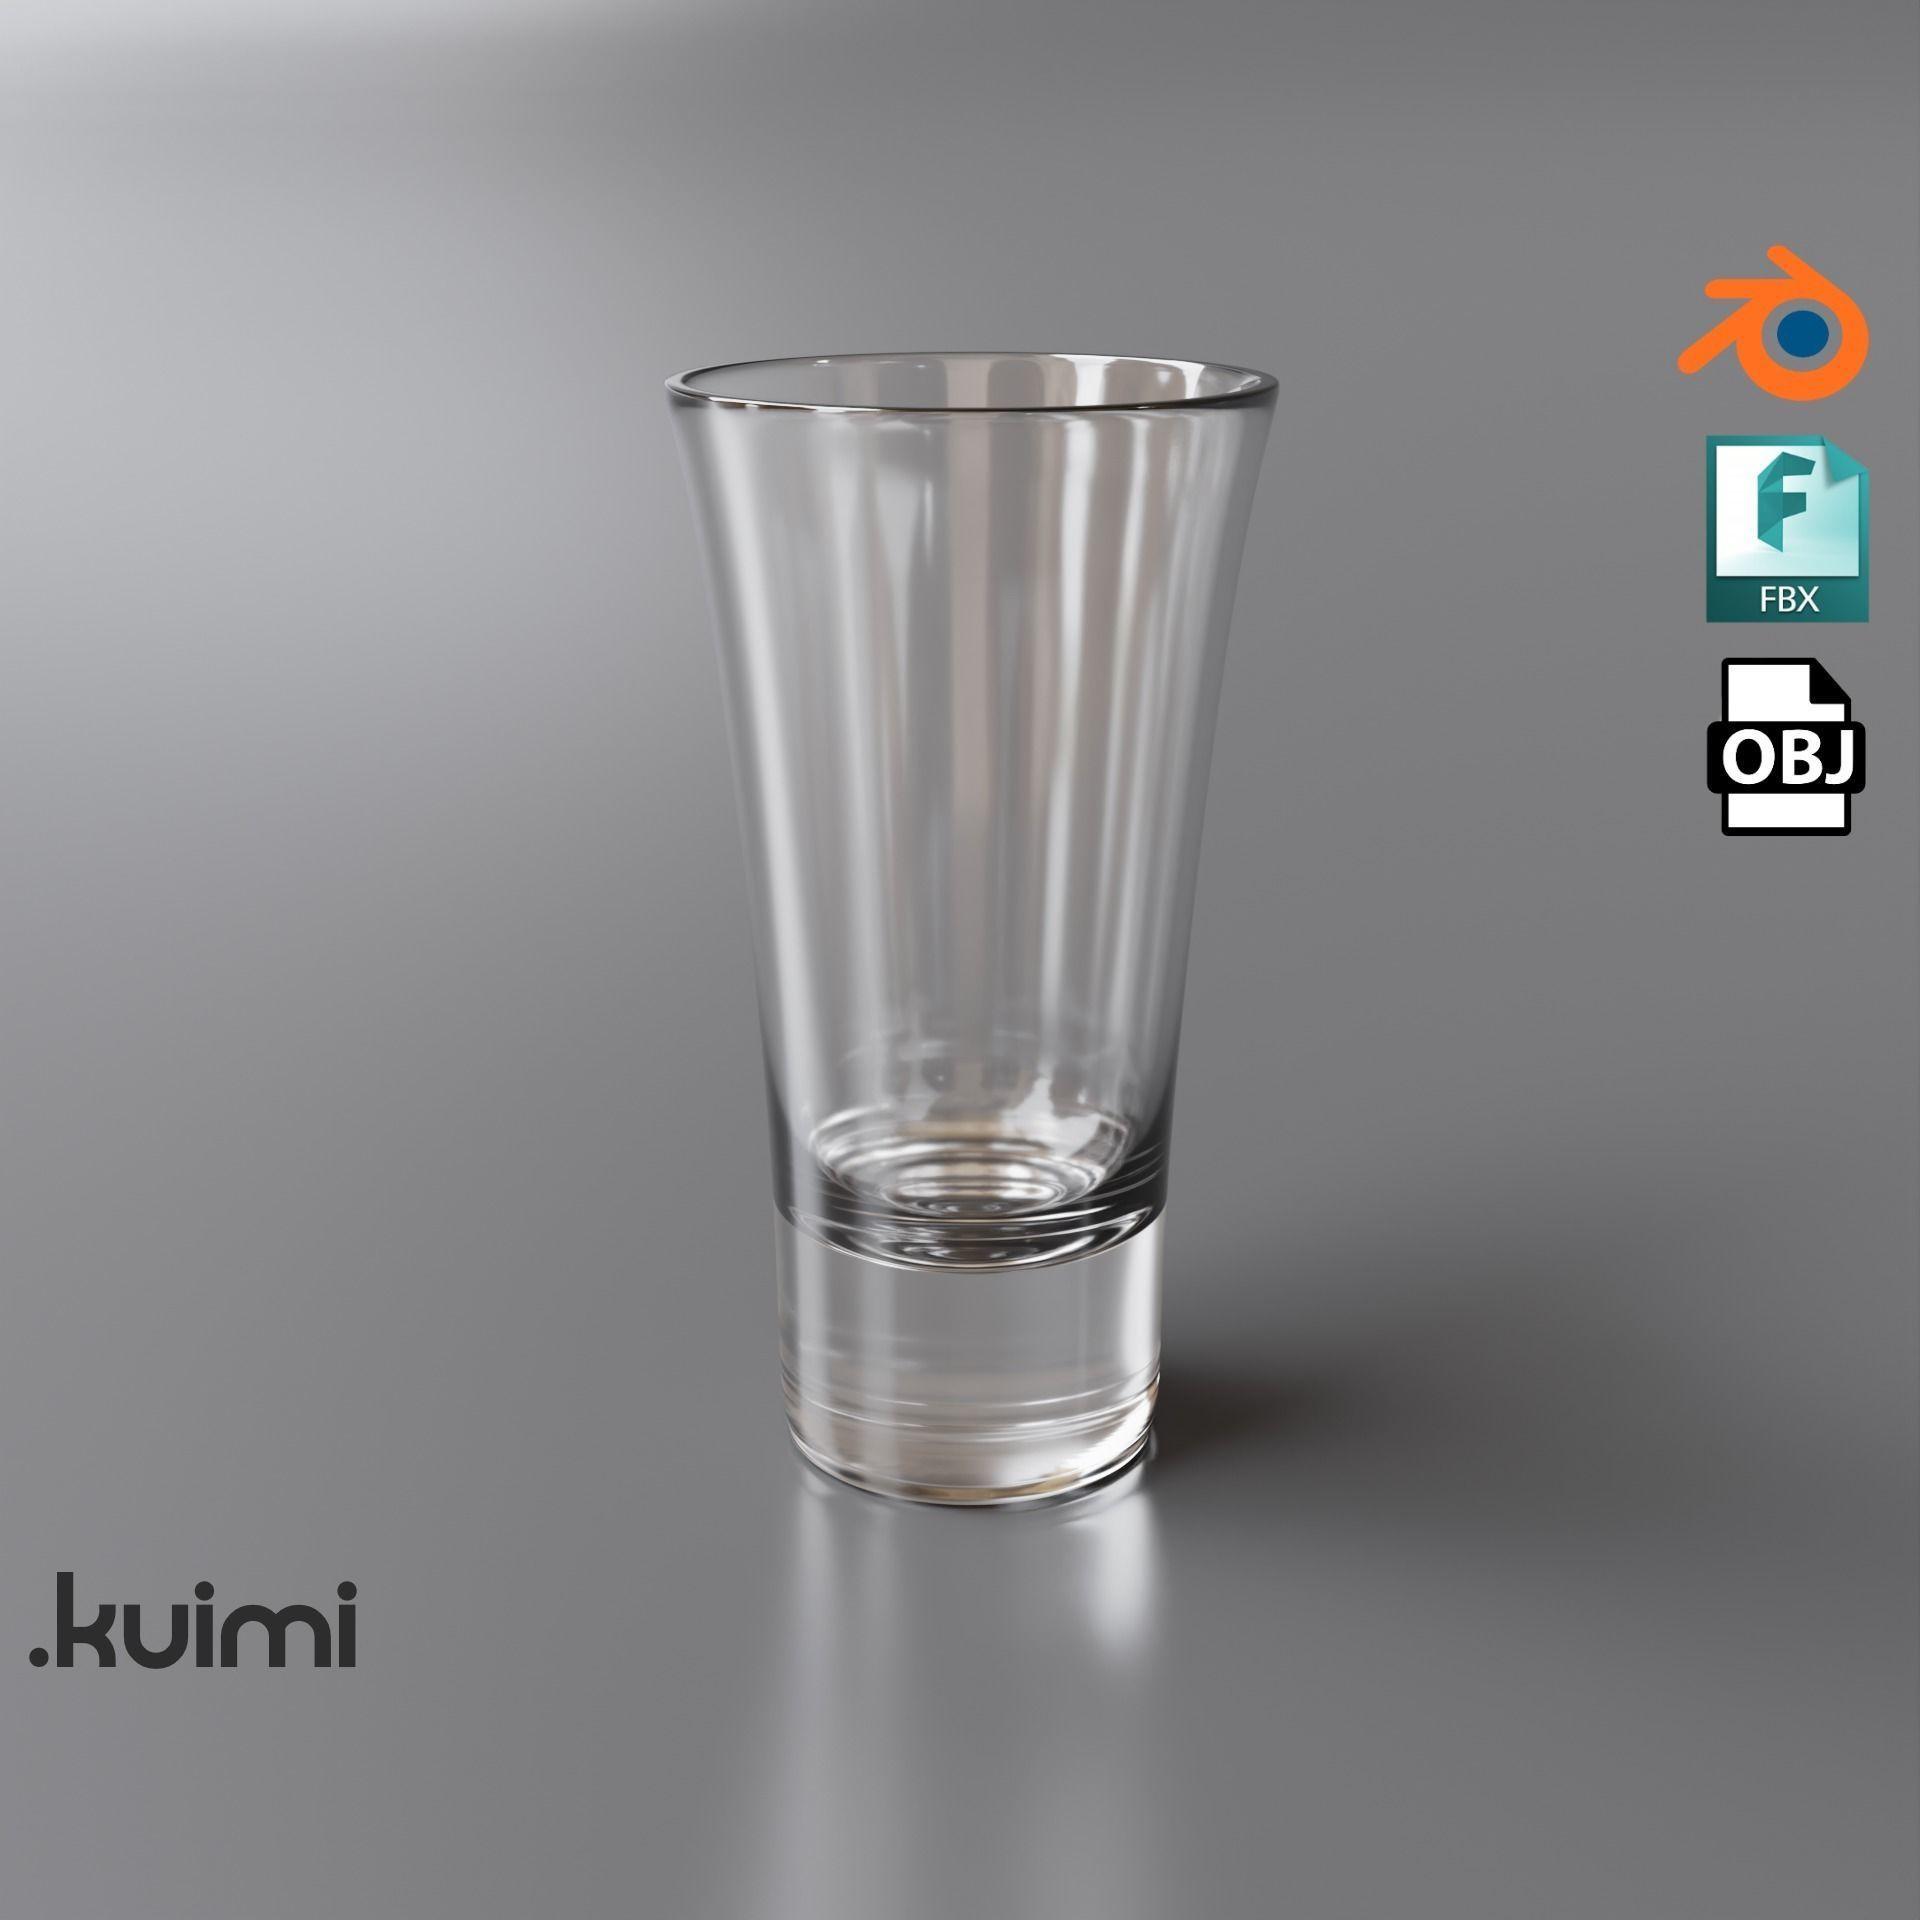 Free PBR Vodka Glass